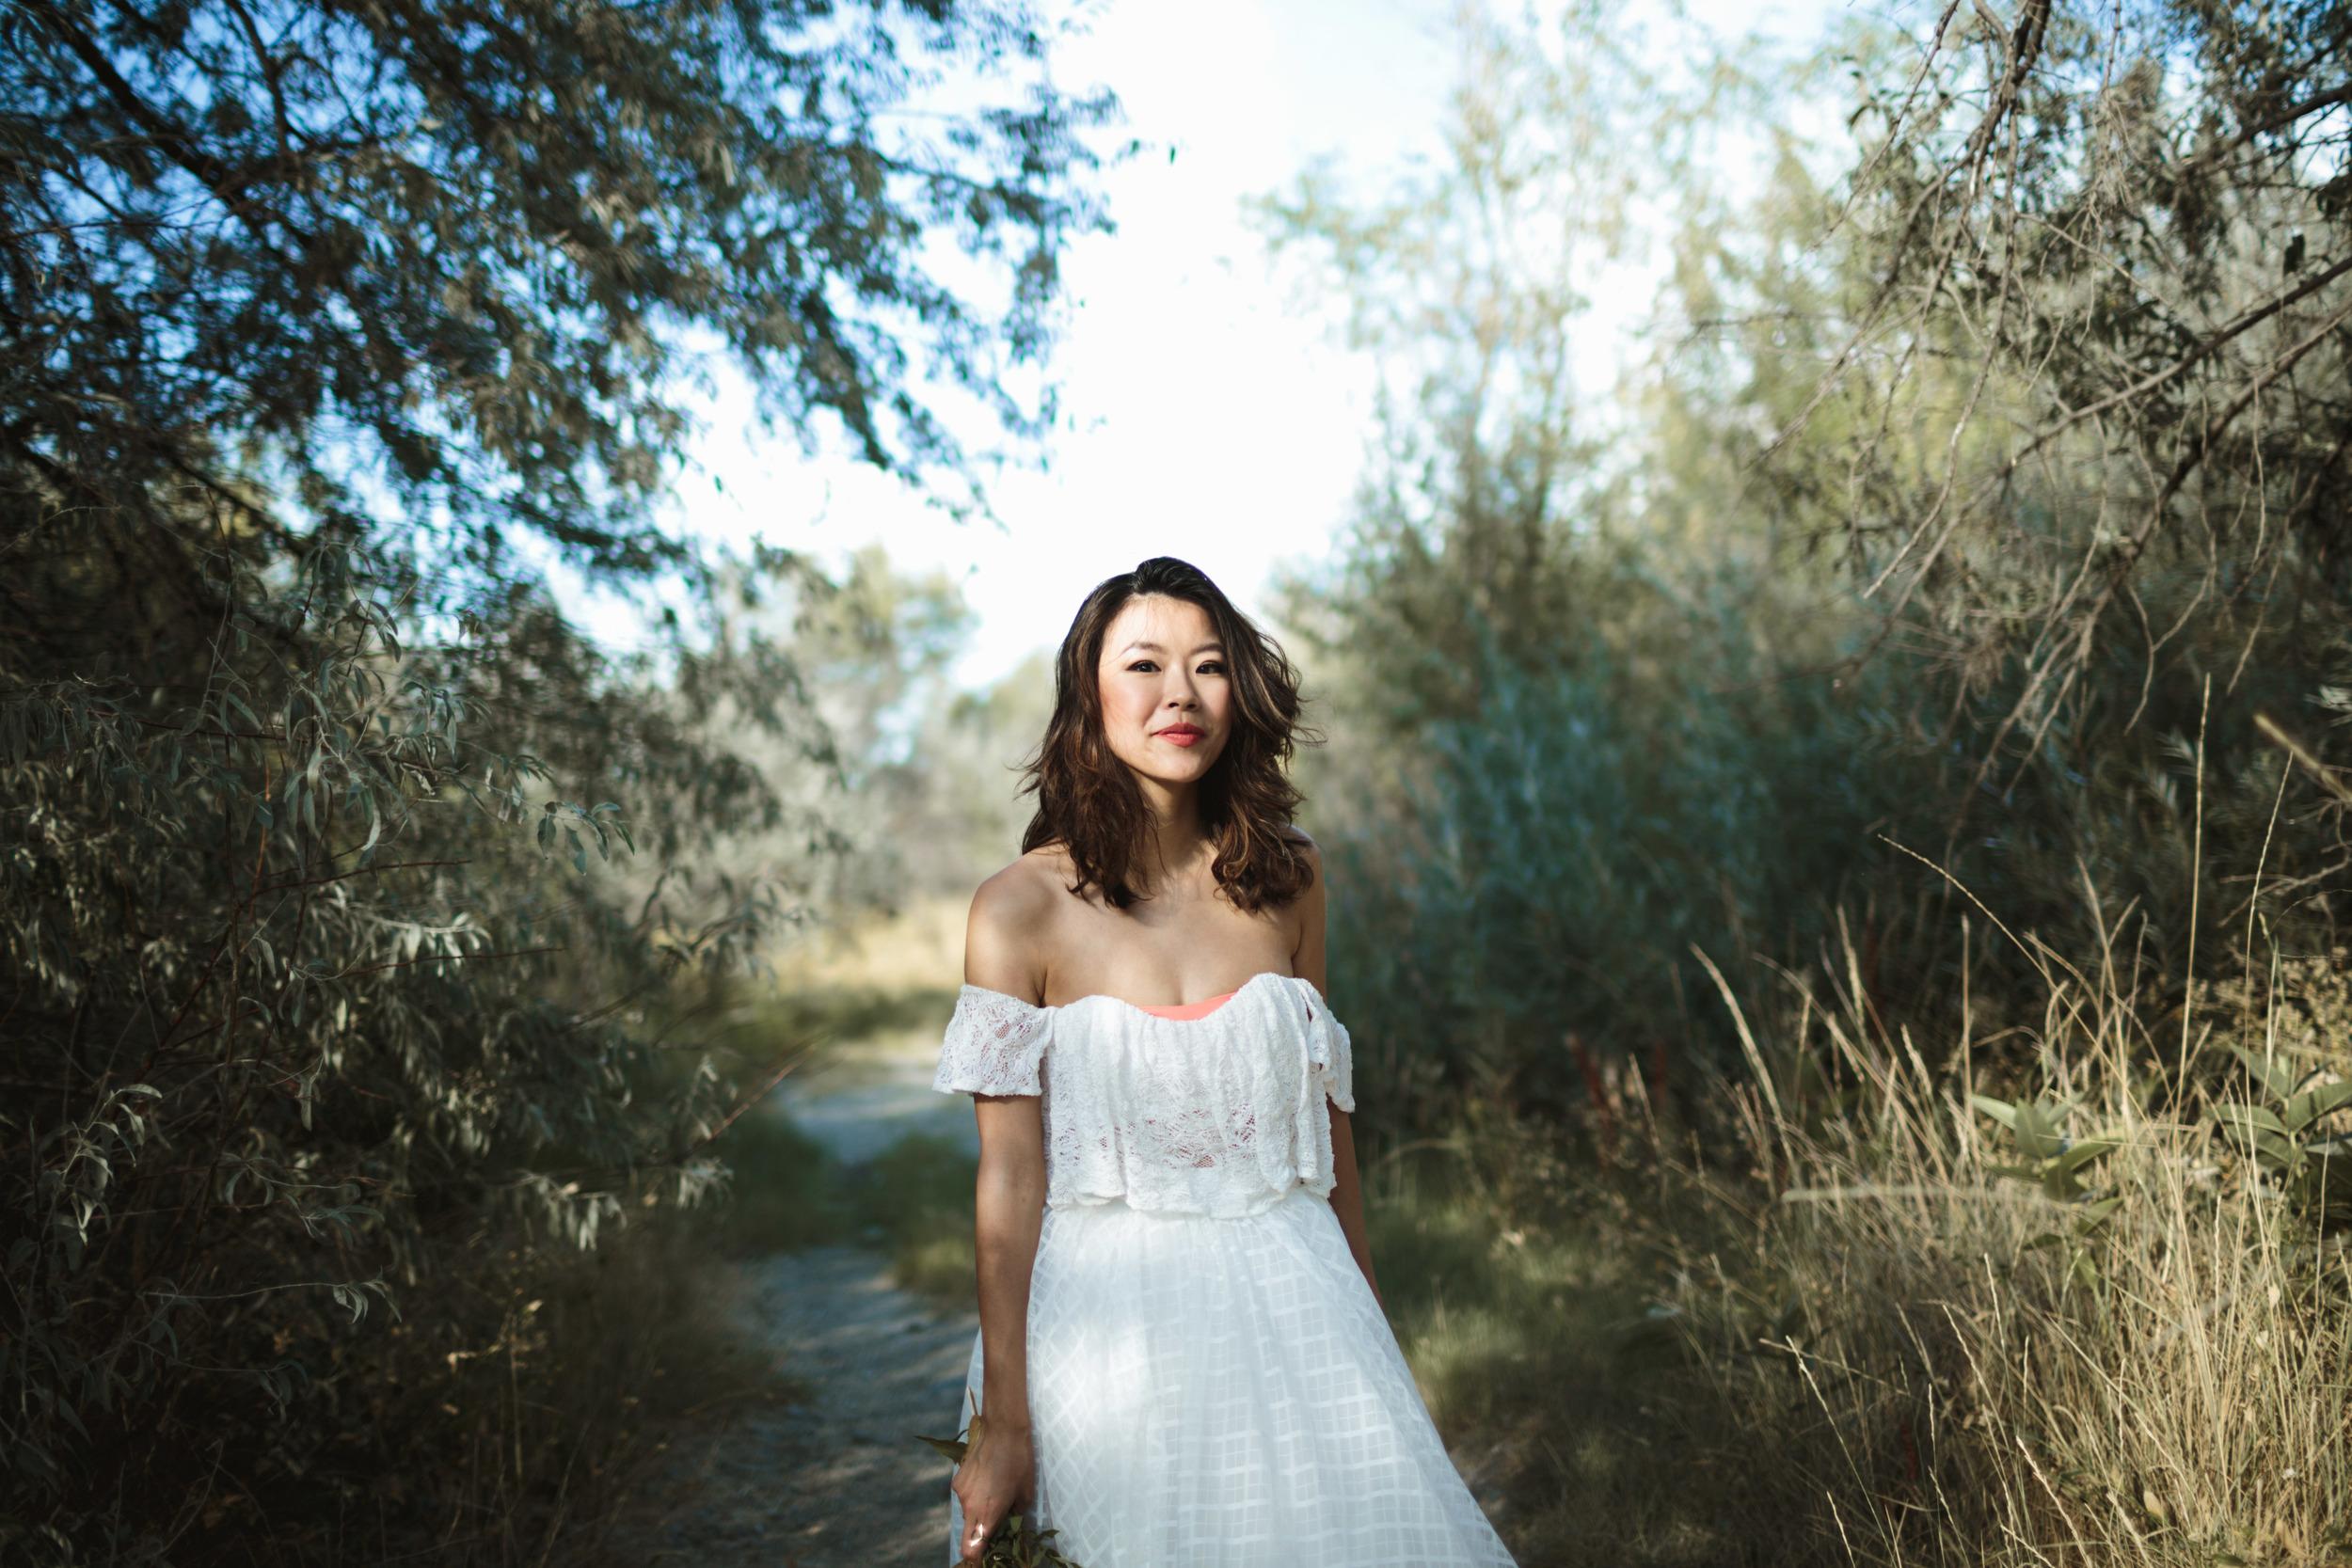 Carolyn white skirt-88.jpg